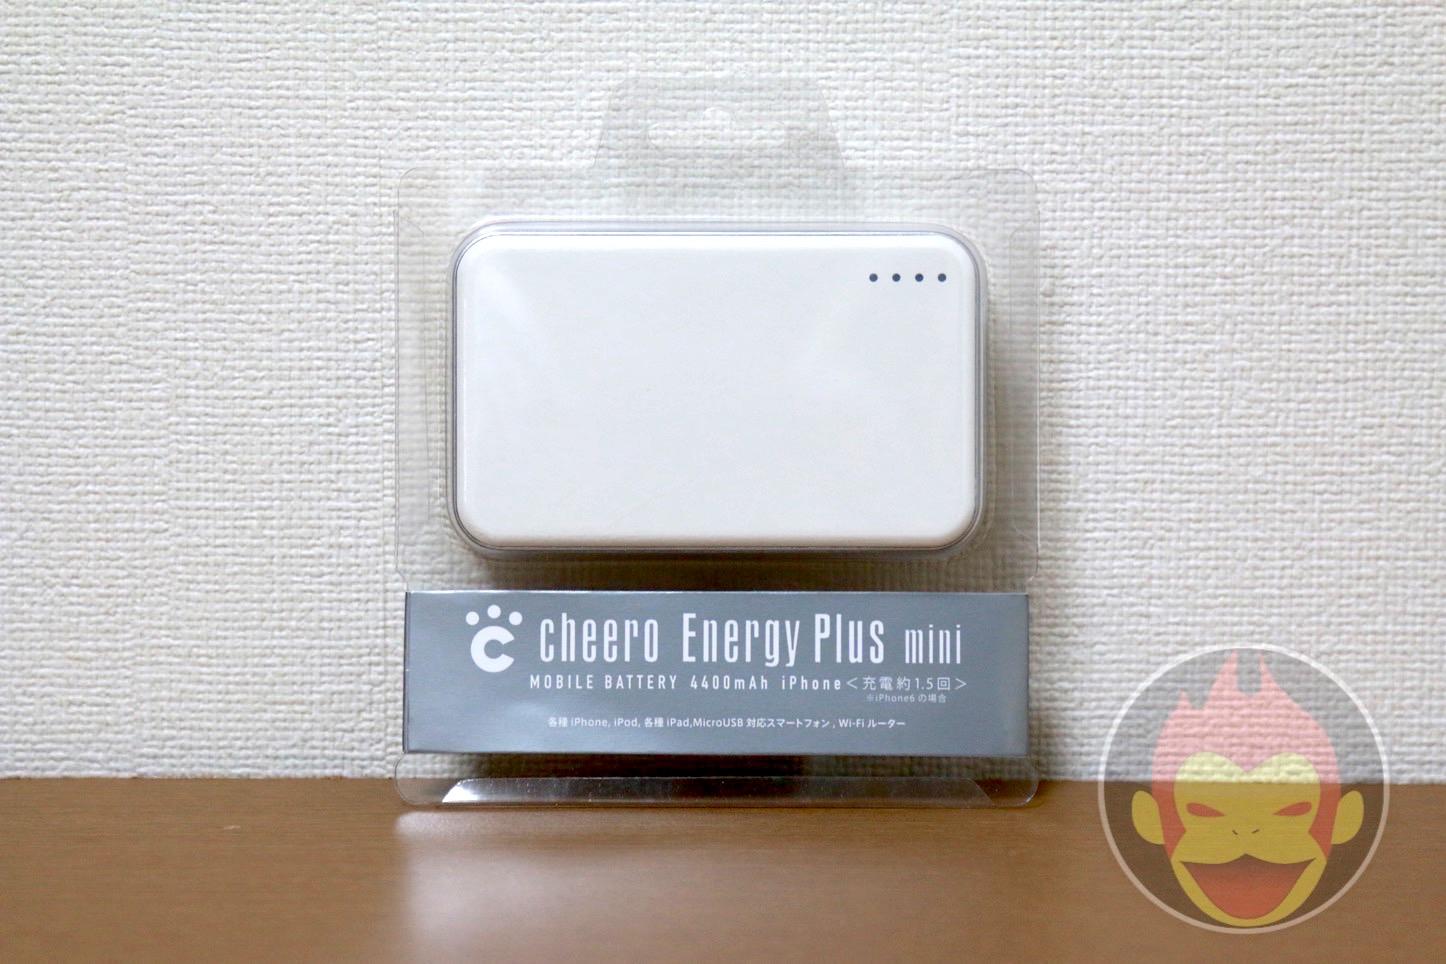 cheero-Energy-Plus-mini-45.JPG